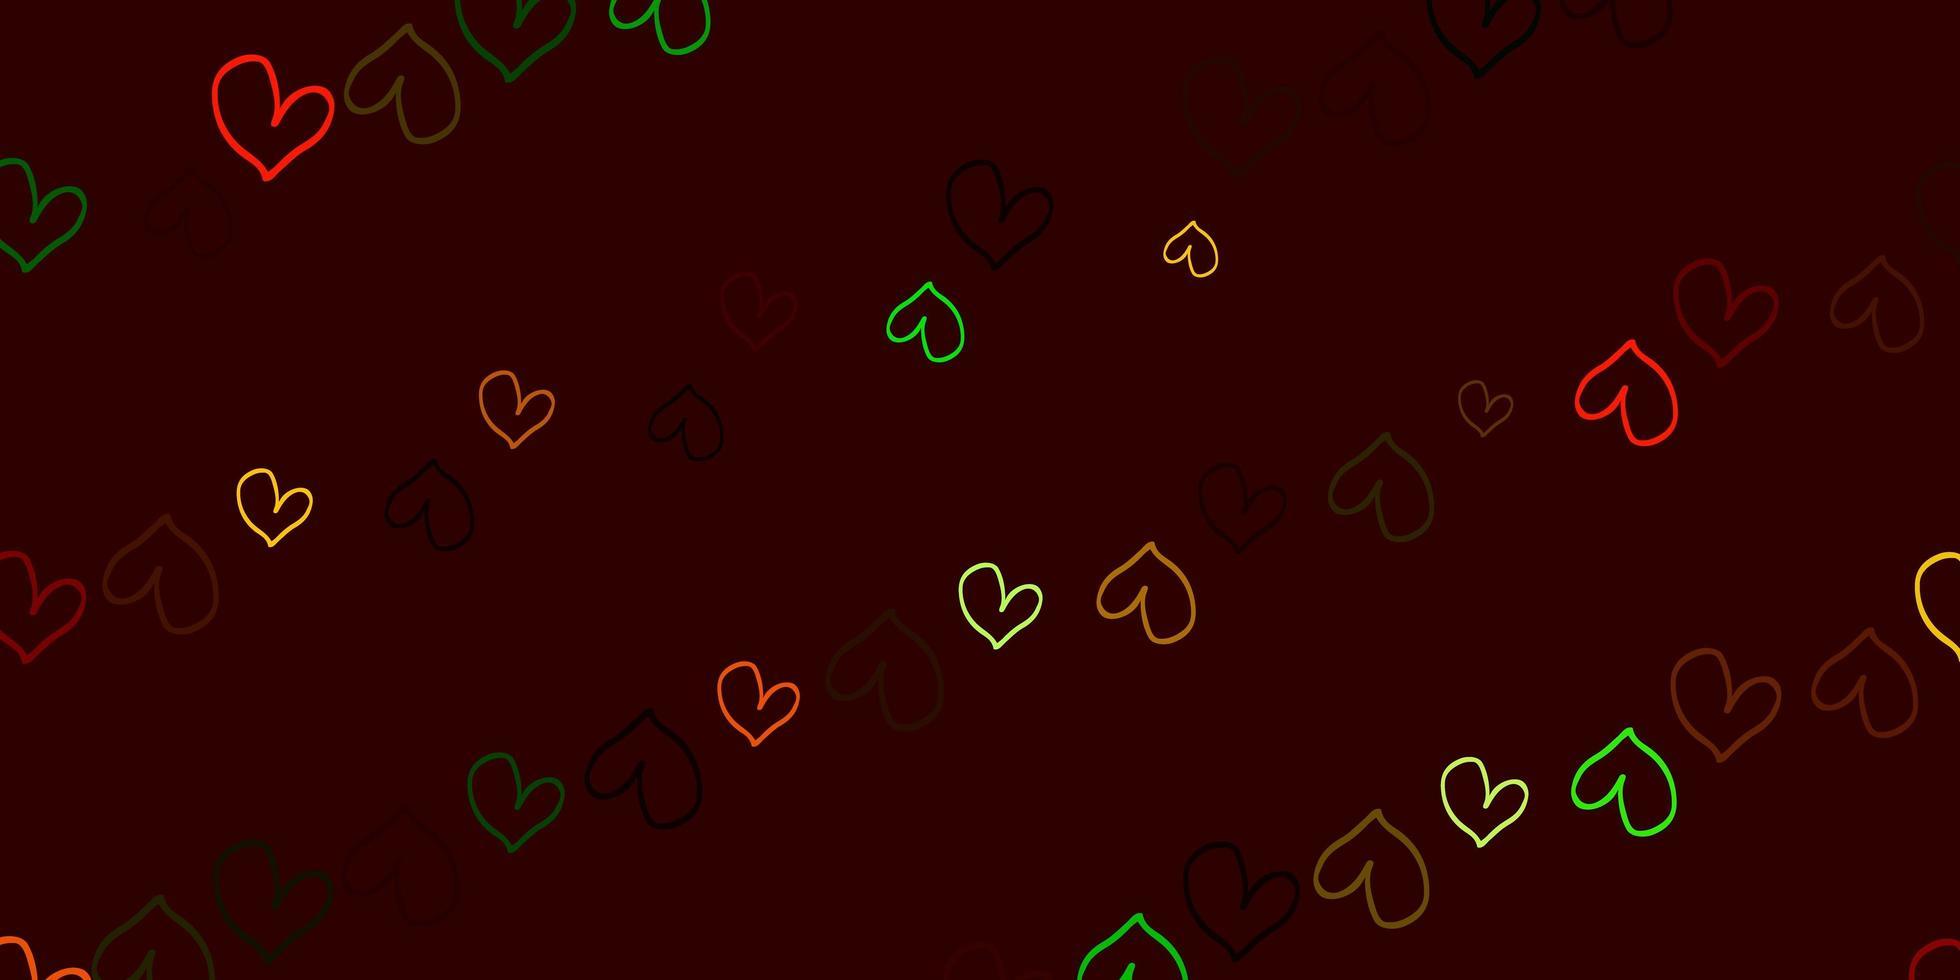 fundo escuro com corações multicoloridos vetor